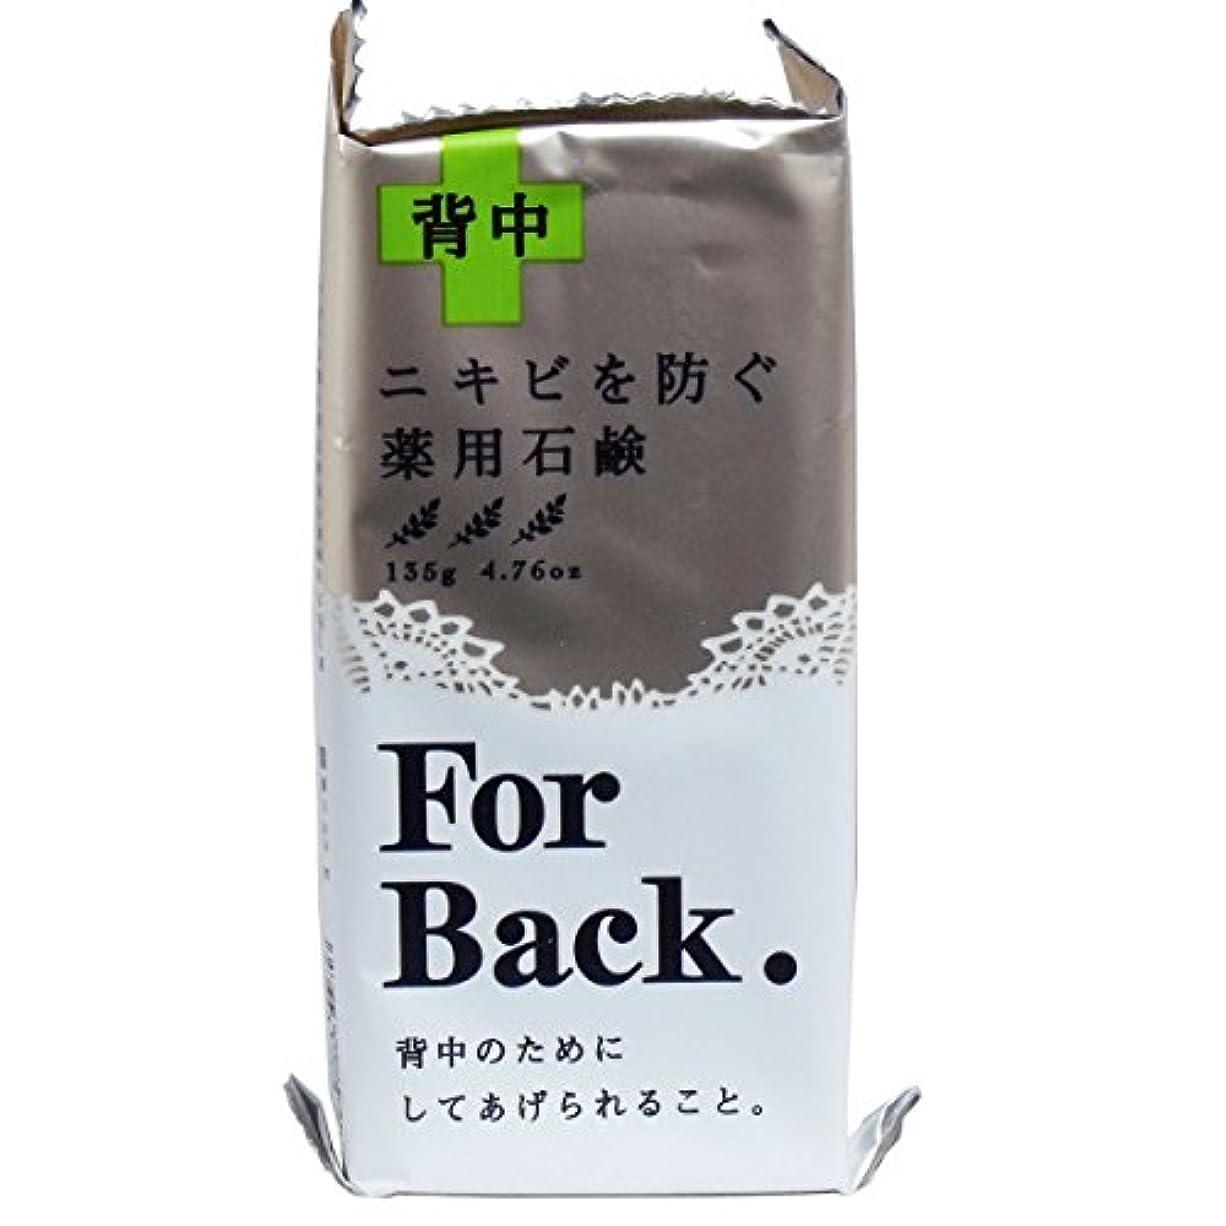 爆風火山学もの薬用石鹸ForBack 135g ×2セット